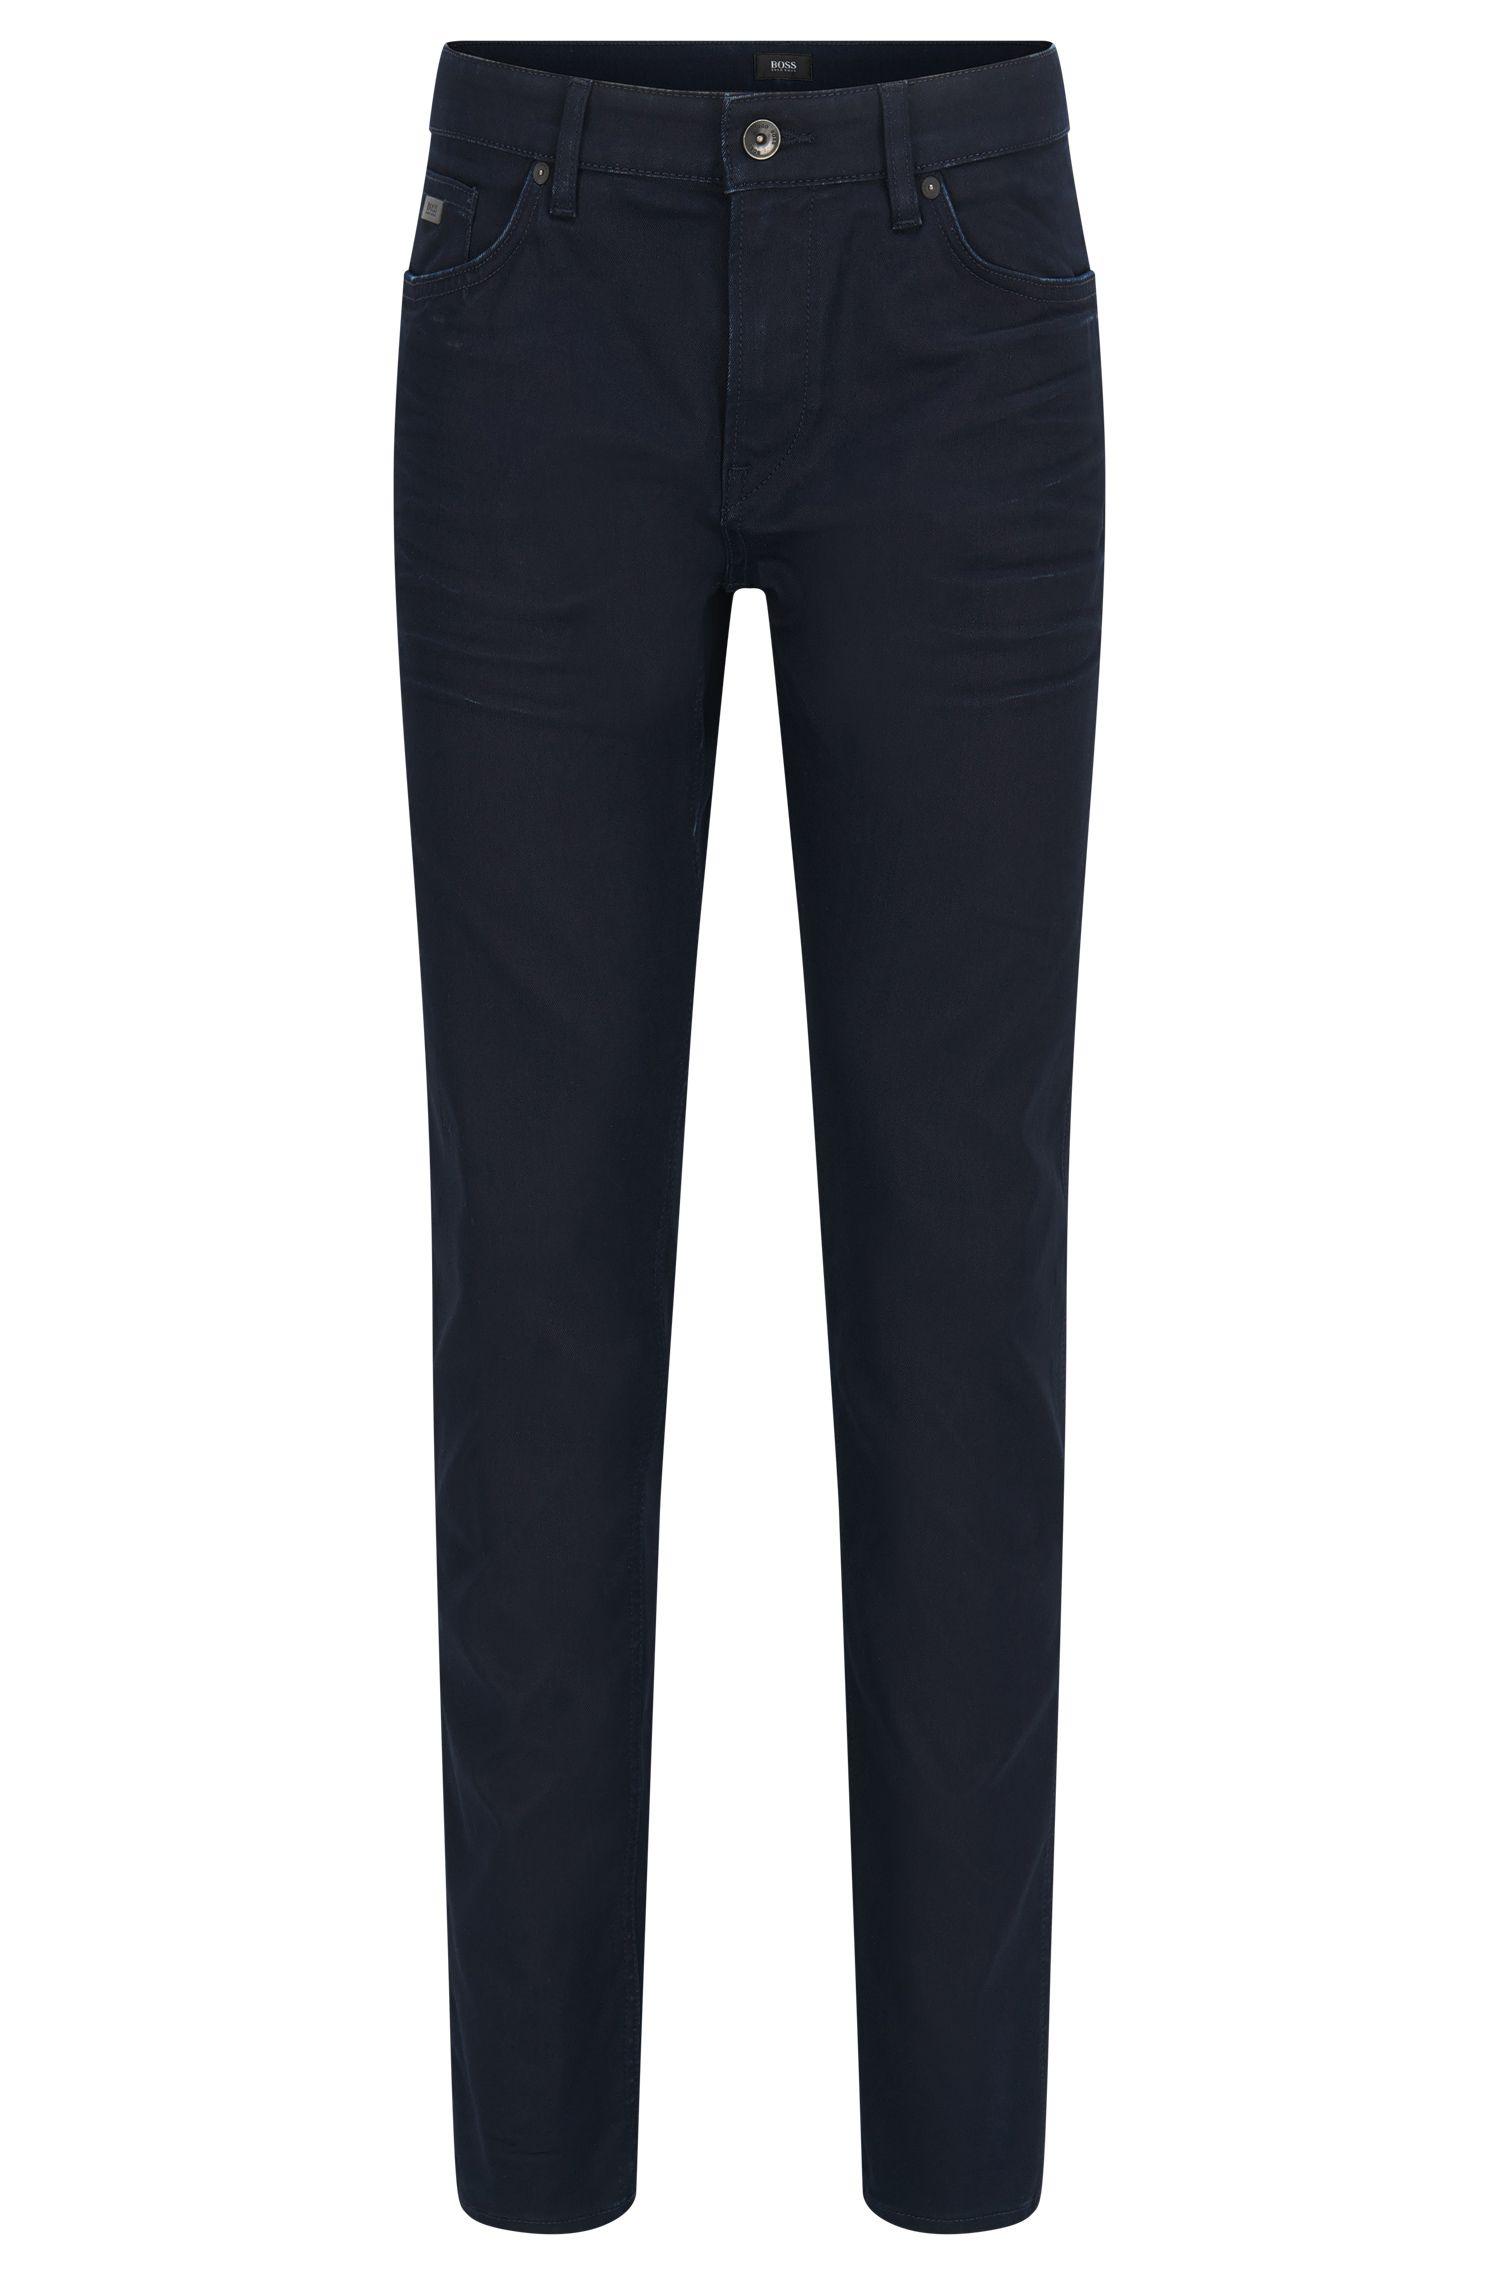 'Delaware' | Slim Fit, 12 oz Cotton Blend Jeans